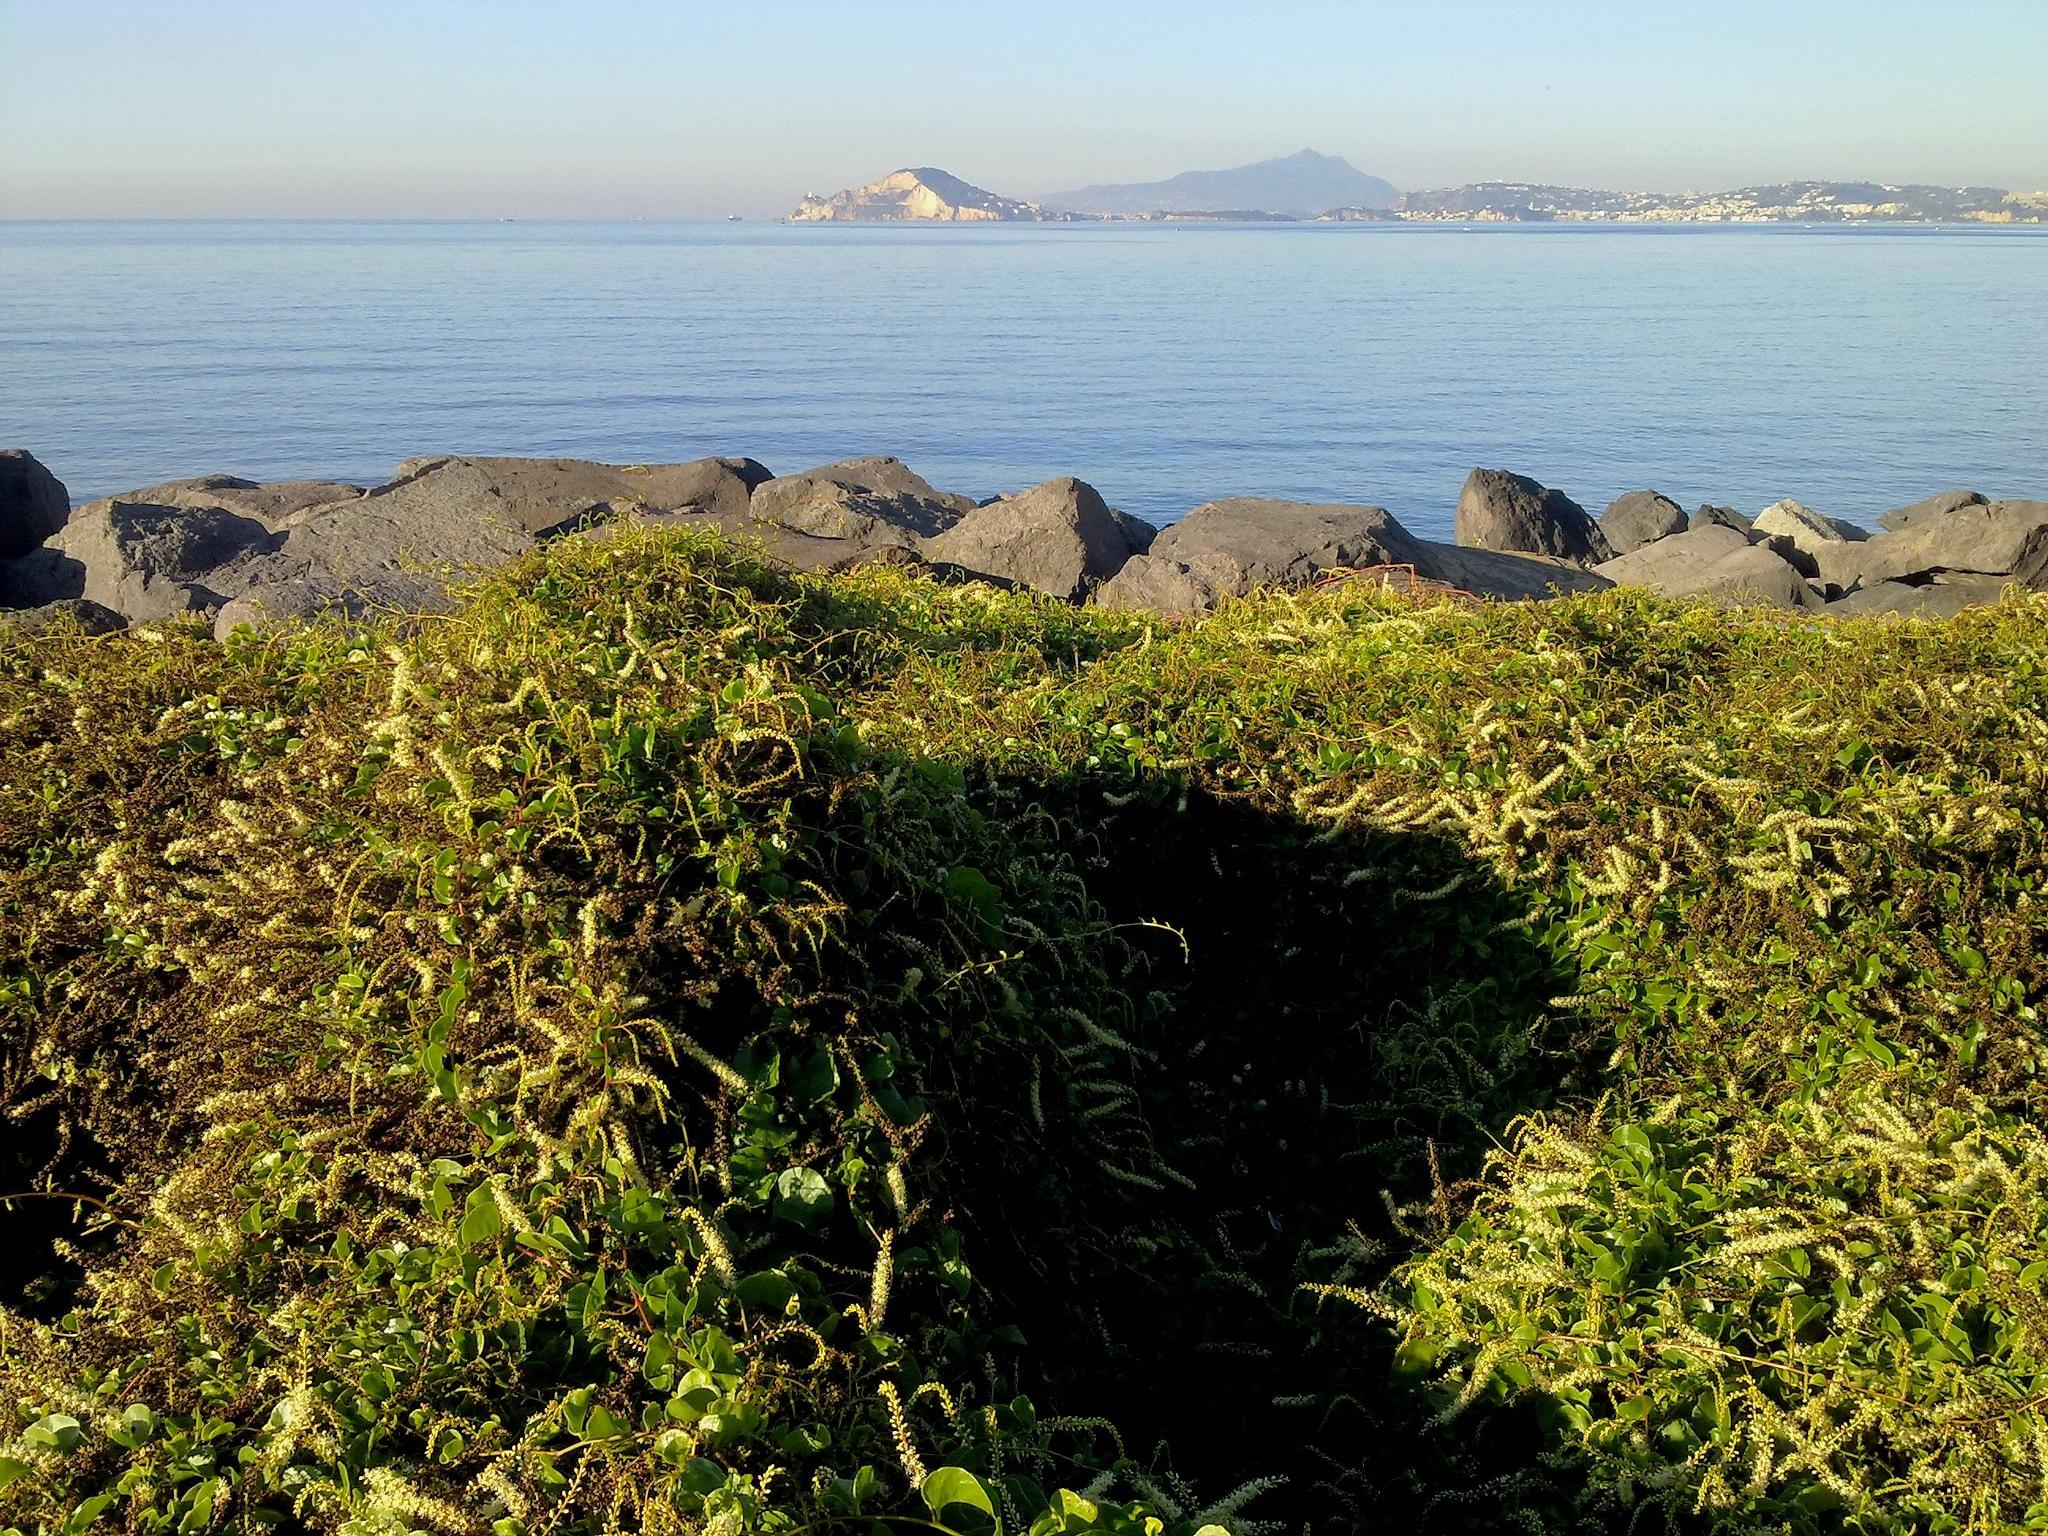 La Mar Verd - The Green Sea - 01 by Mister Arnauna & Gatto Giuggiolone